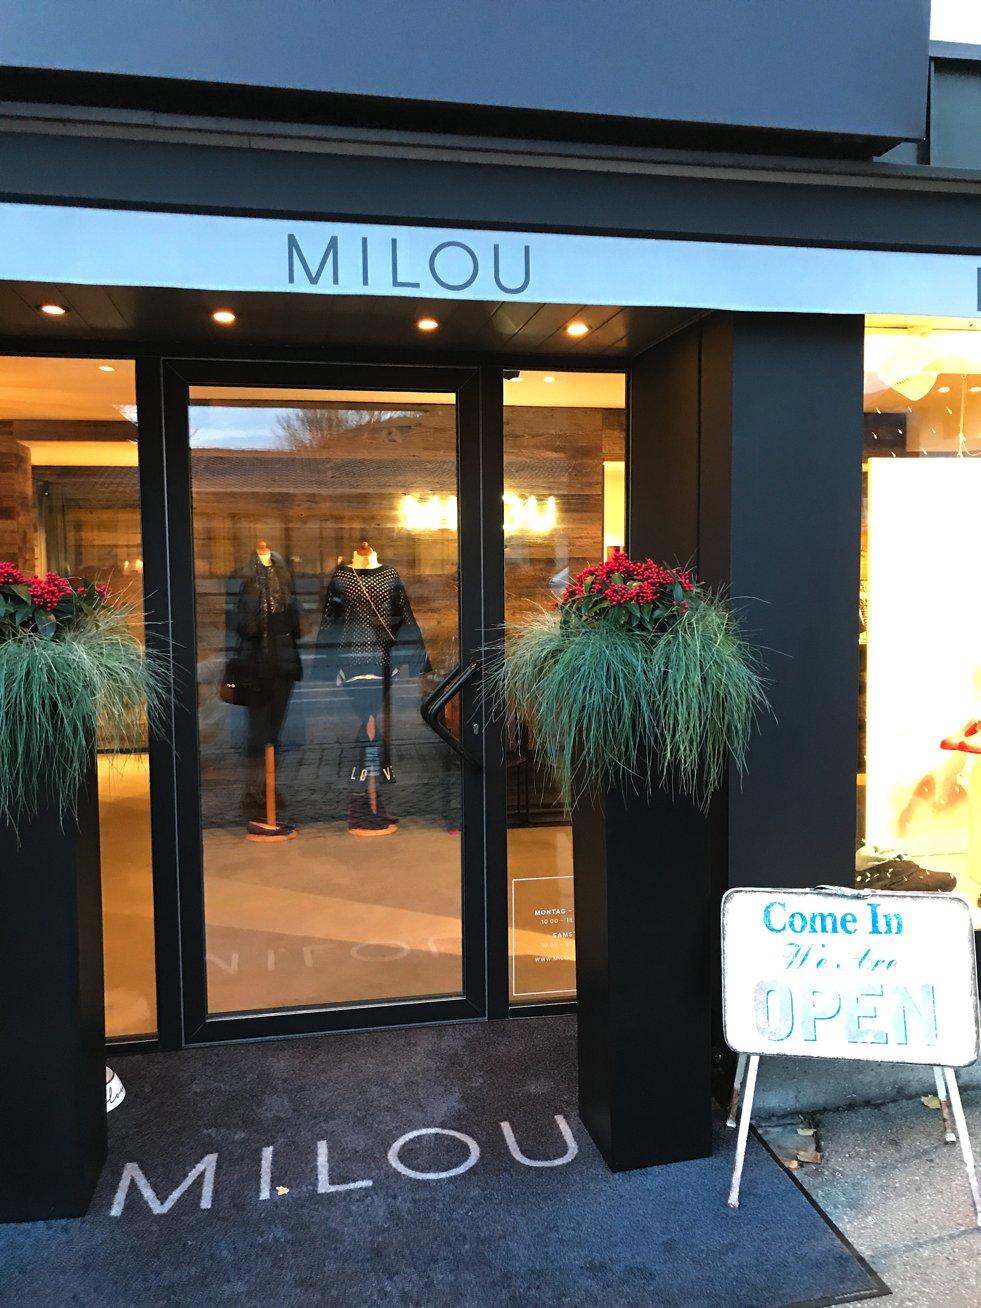 Milou Rottach-Egern, Concept Store Rottach-Egern, Einkaufen Rottach-Egern, Shopping Rottach-Egern, Lifestyle-Blog, Lieblingsstil.com,